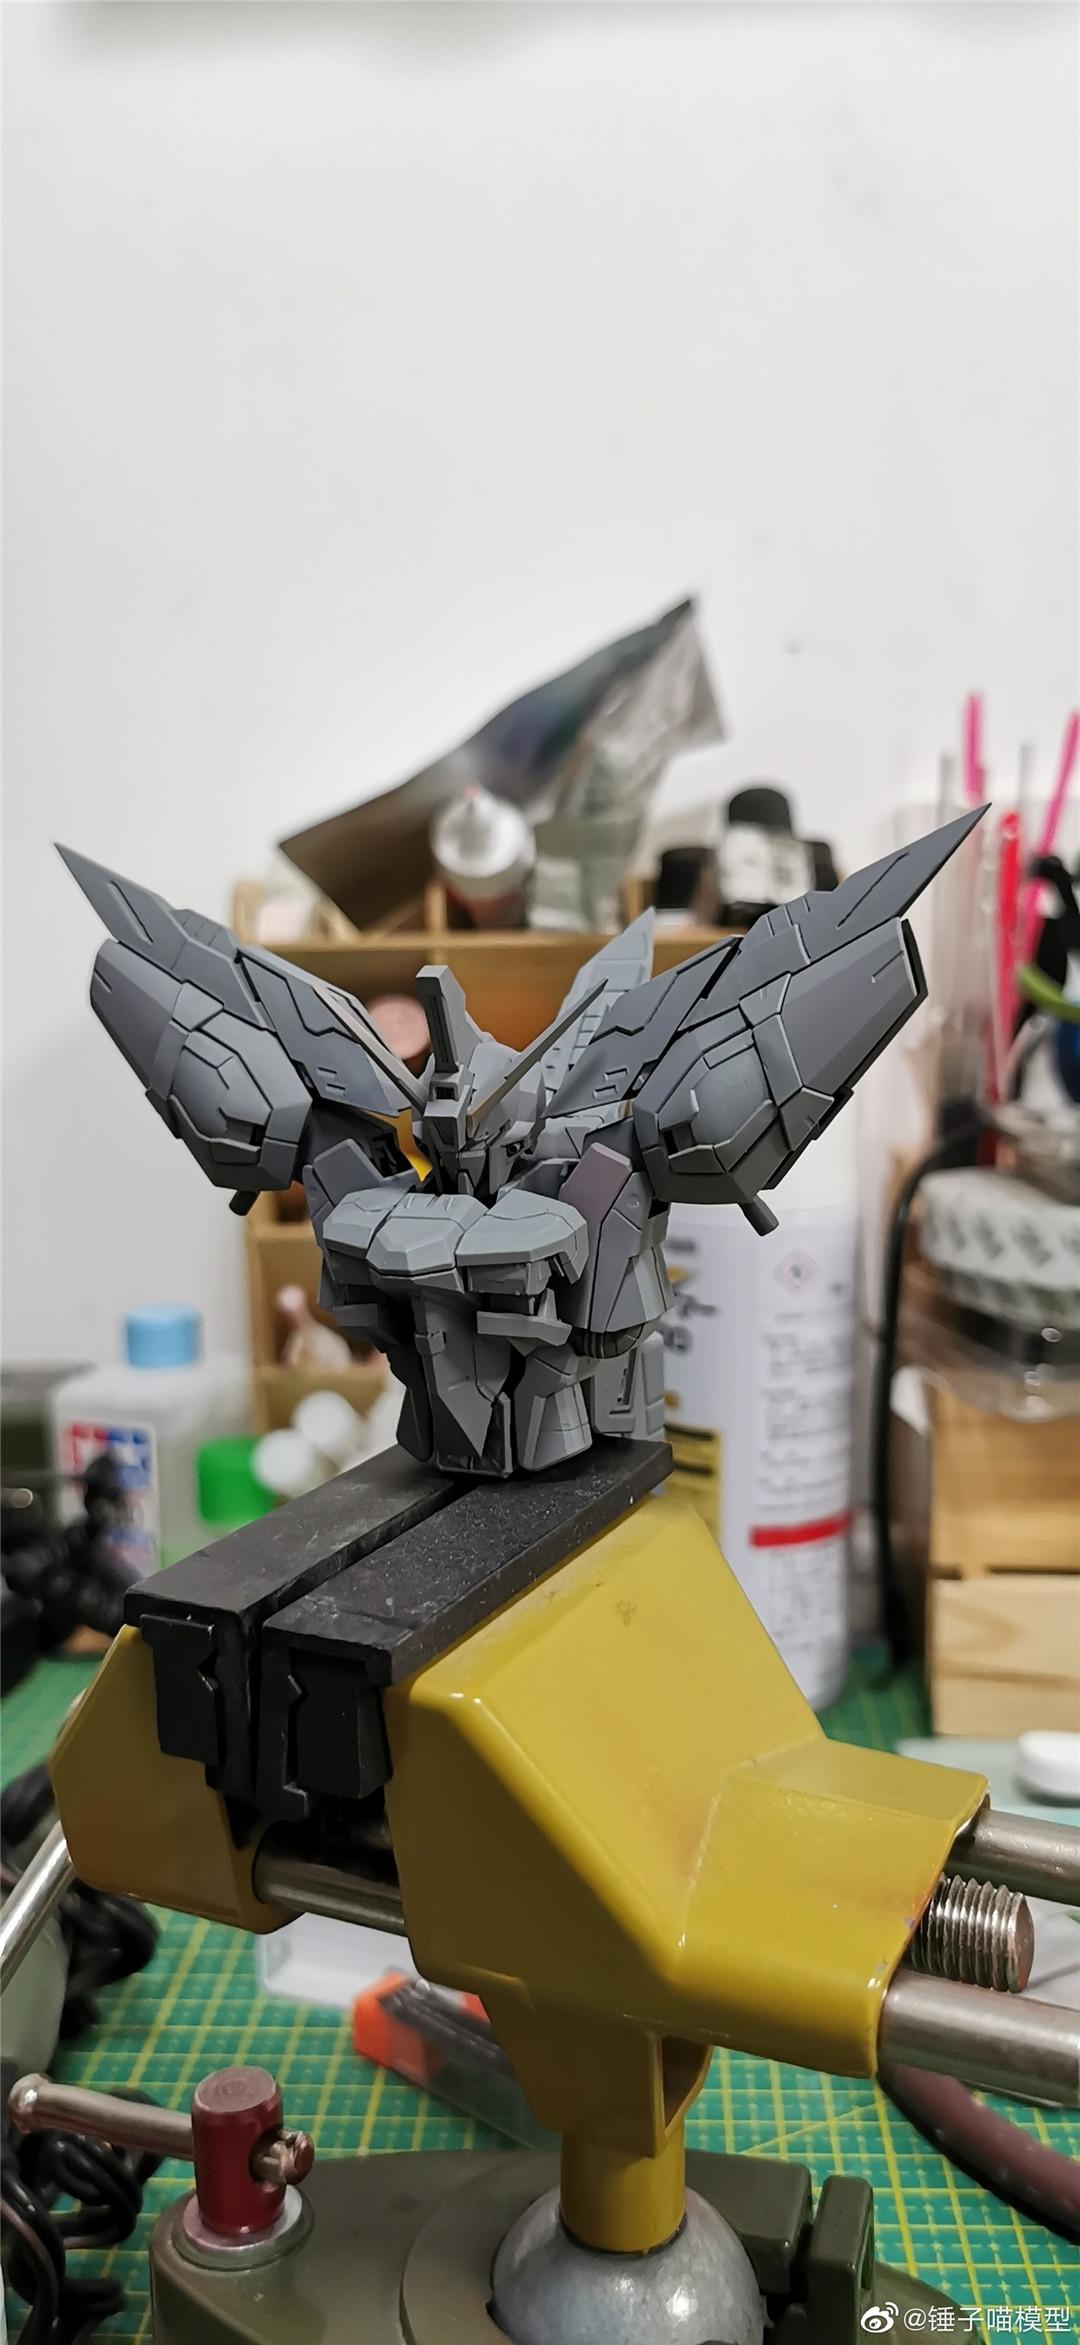 G579_GAT_X303_Aegis_Gundam_018.jpg